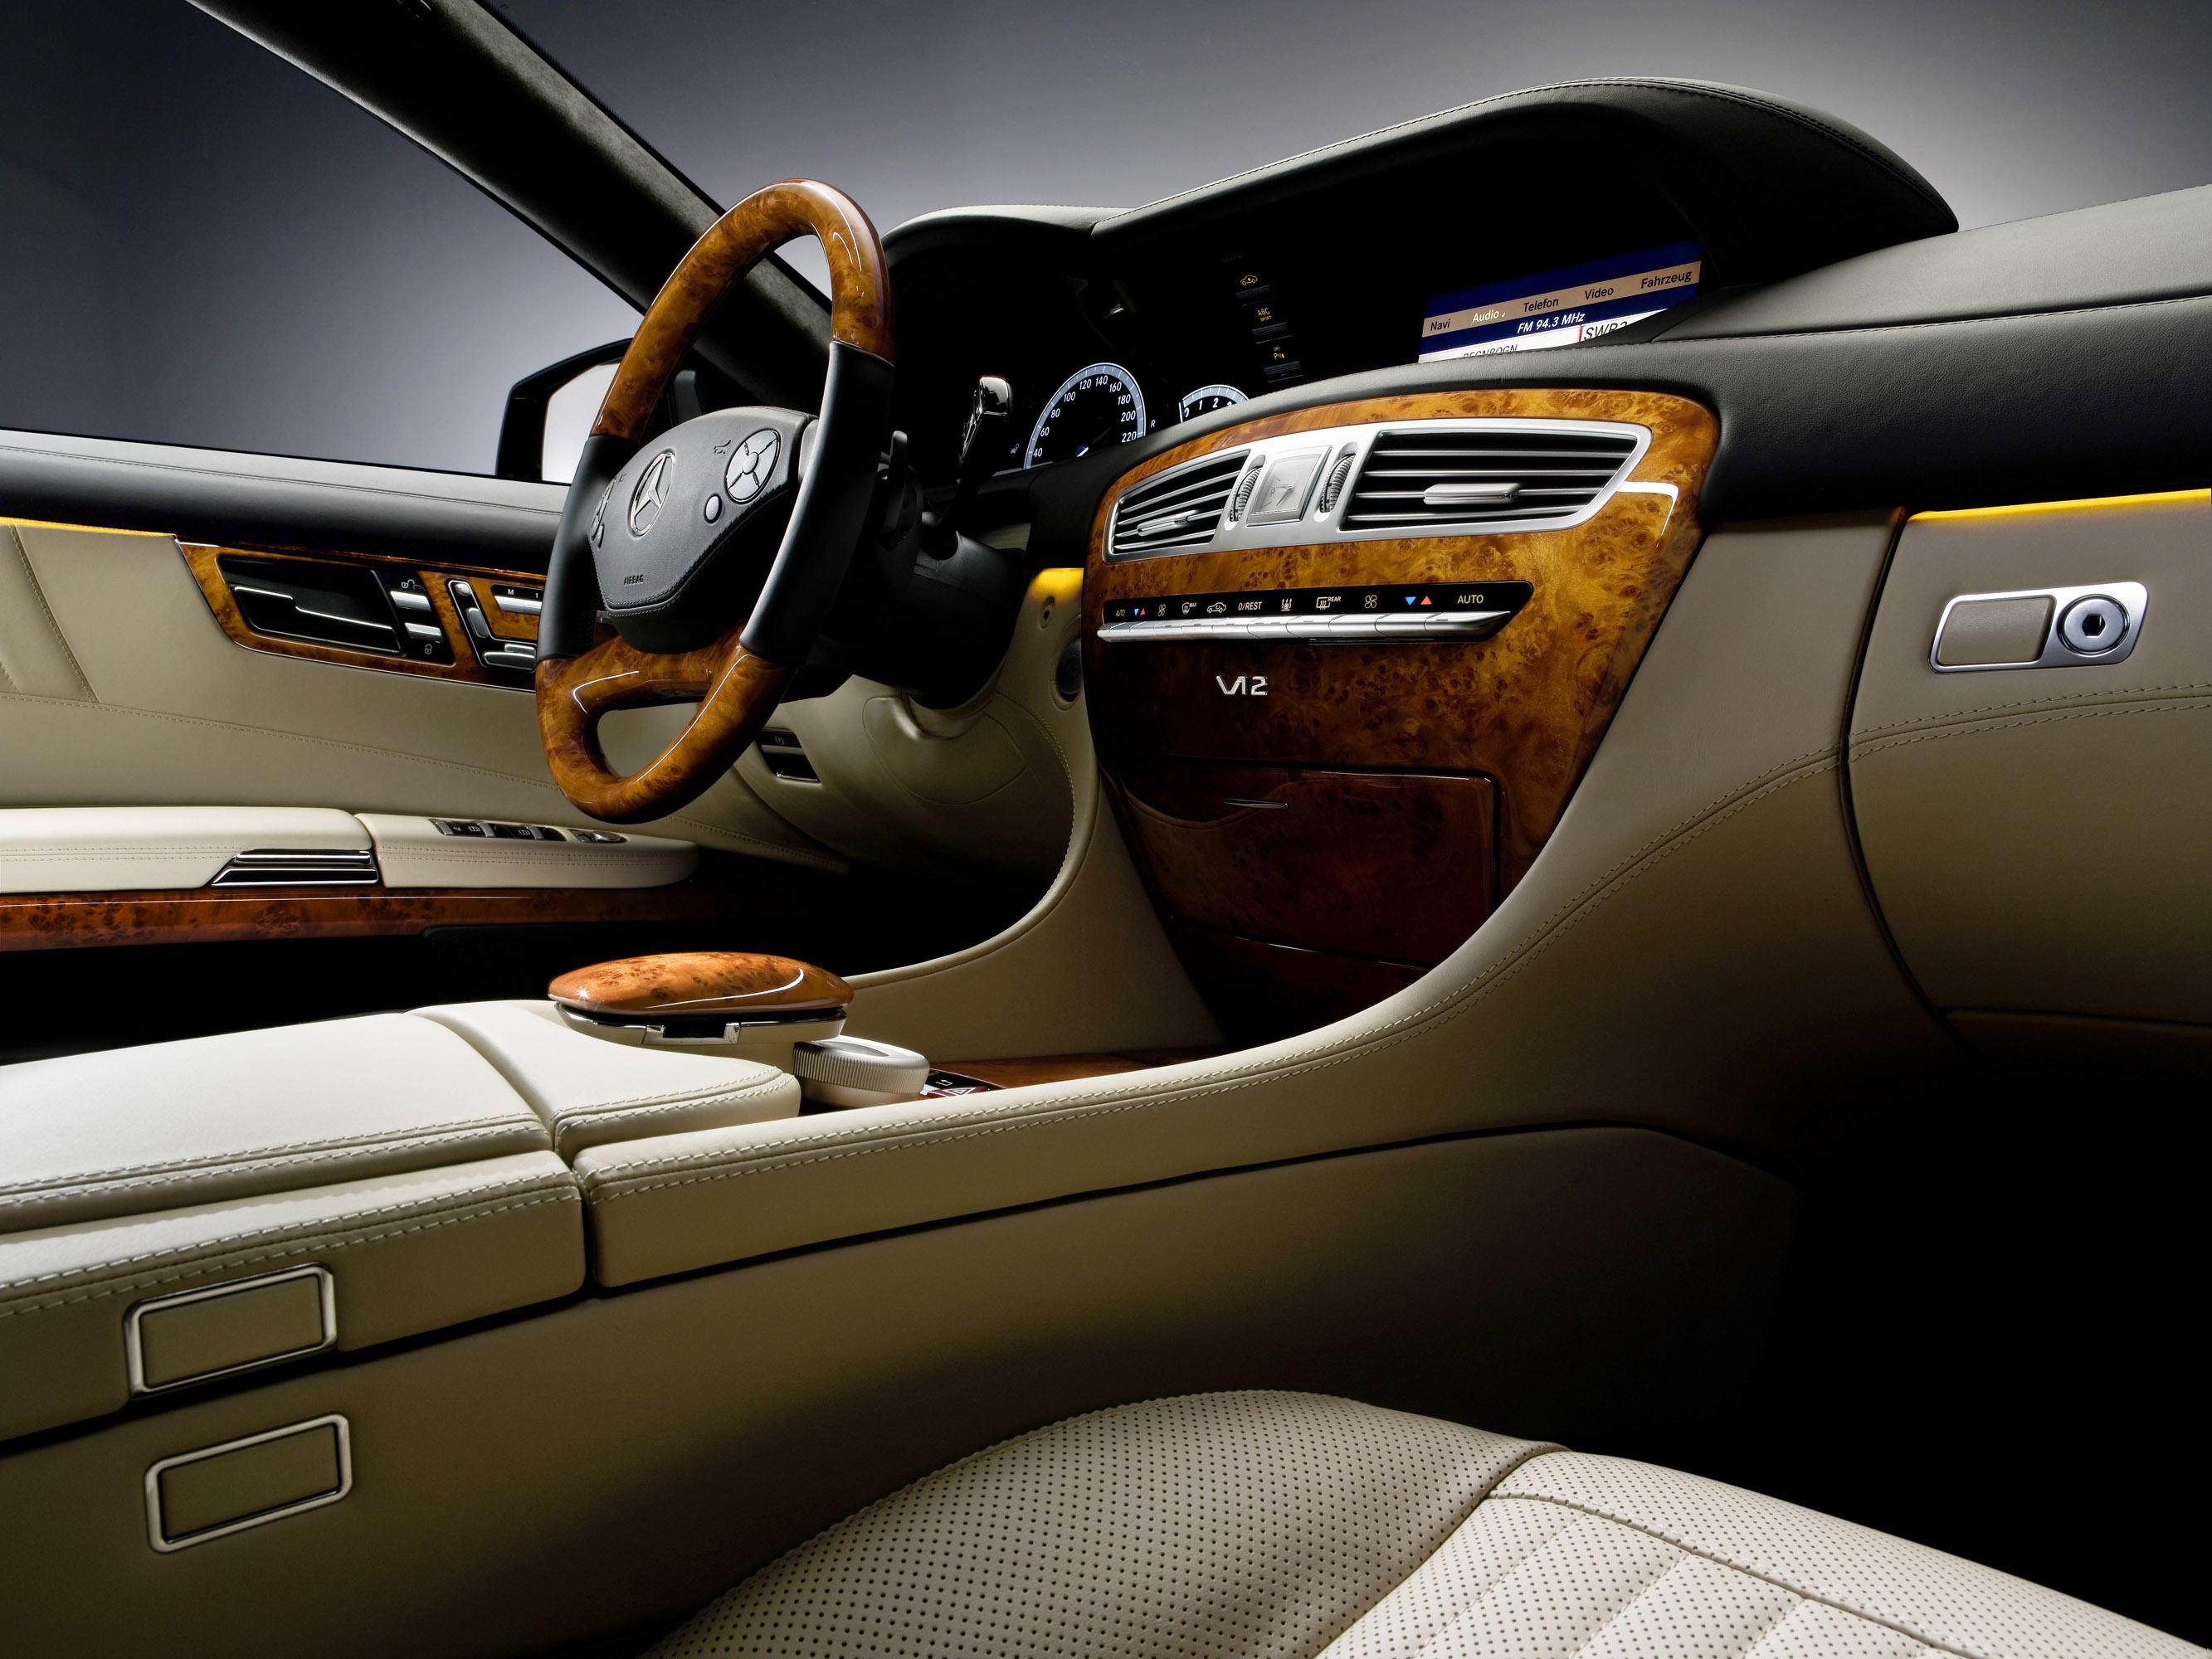 2011 Mercedes-Benz CL-Class сочетает в себе новейшие технологии с повышенной комфортности - фотография №23